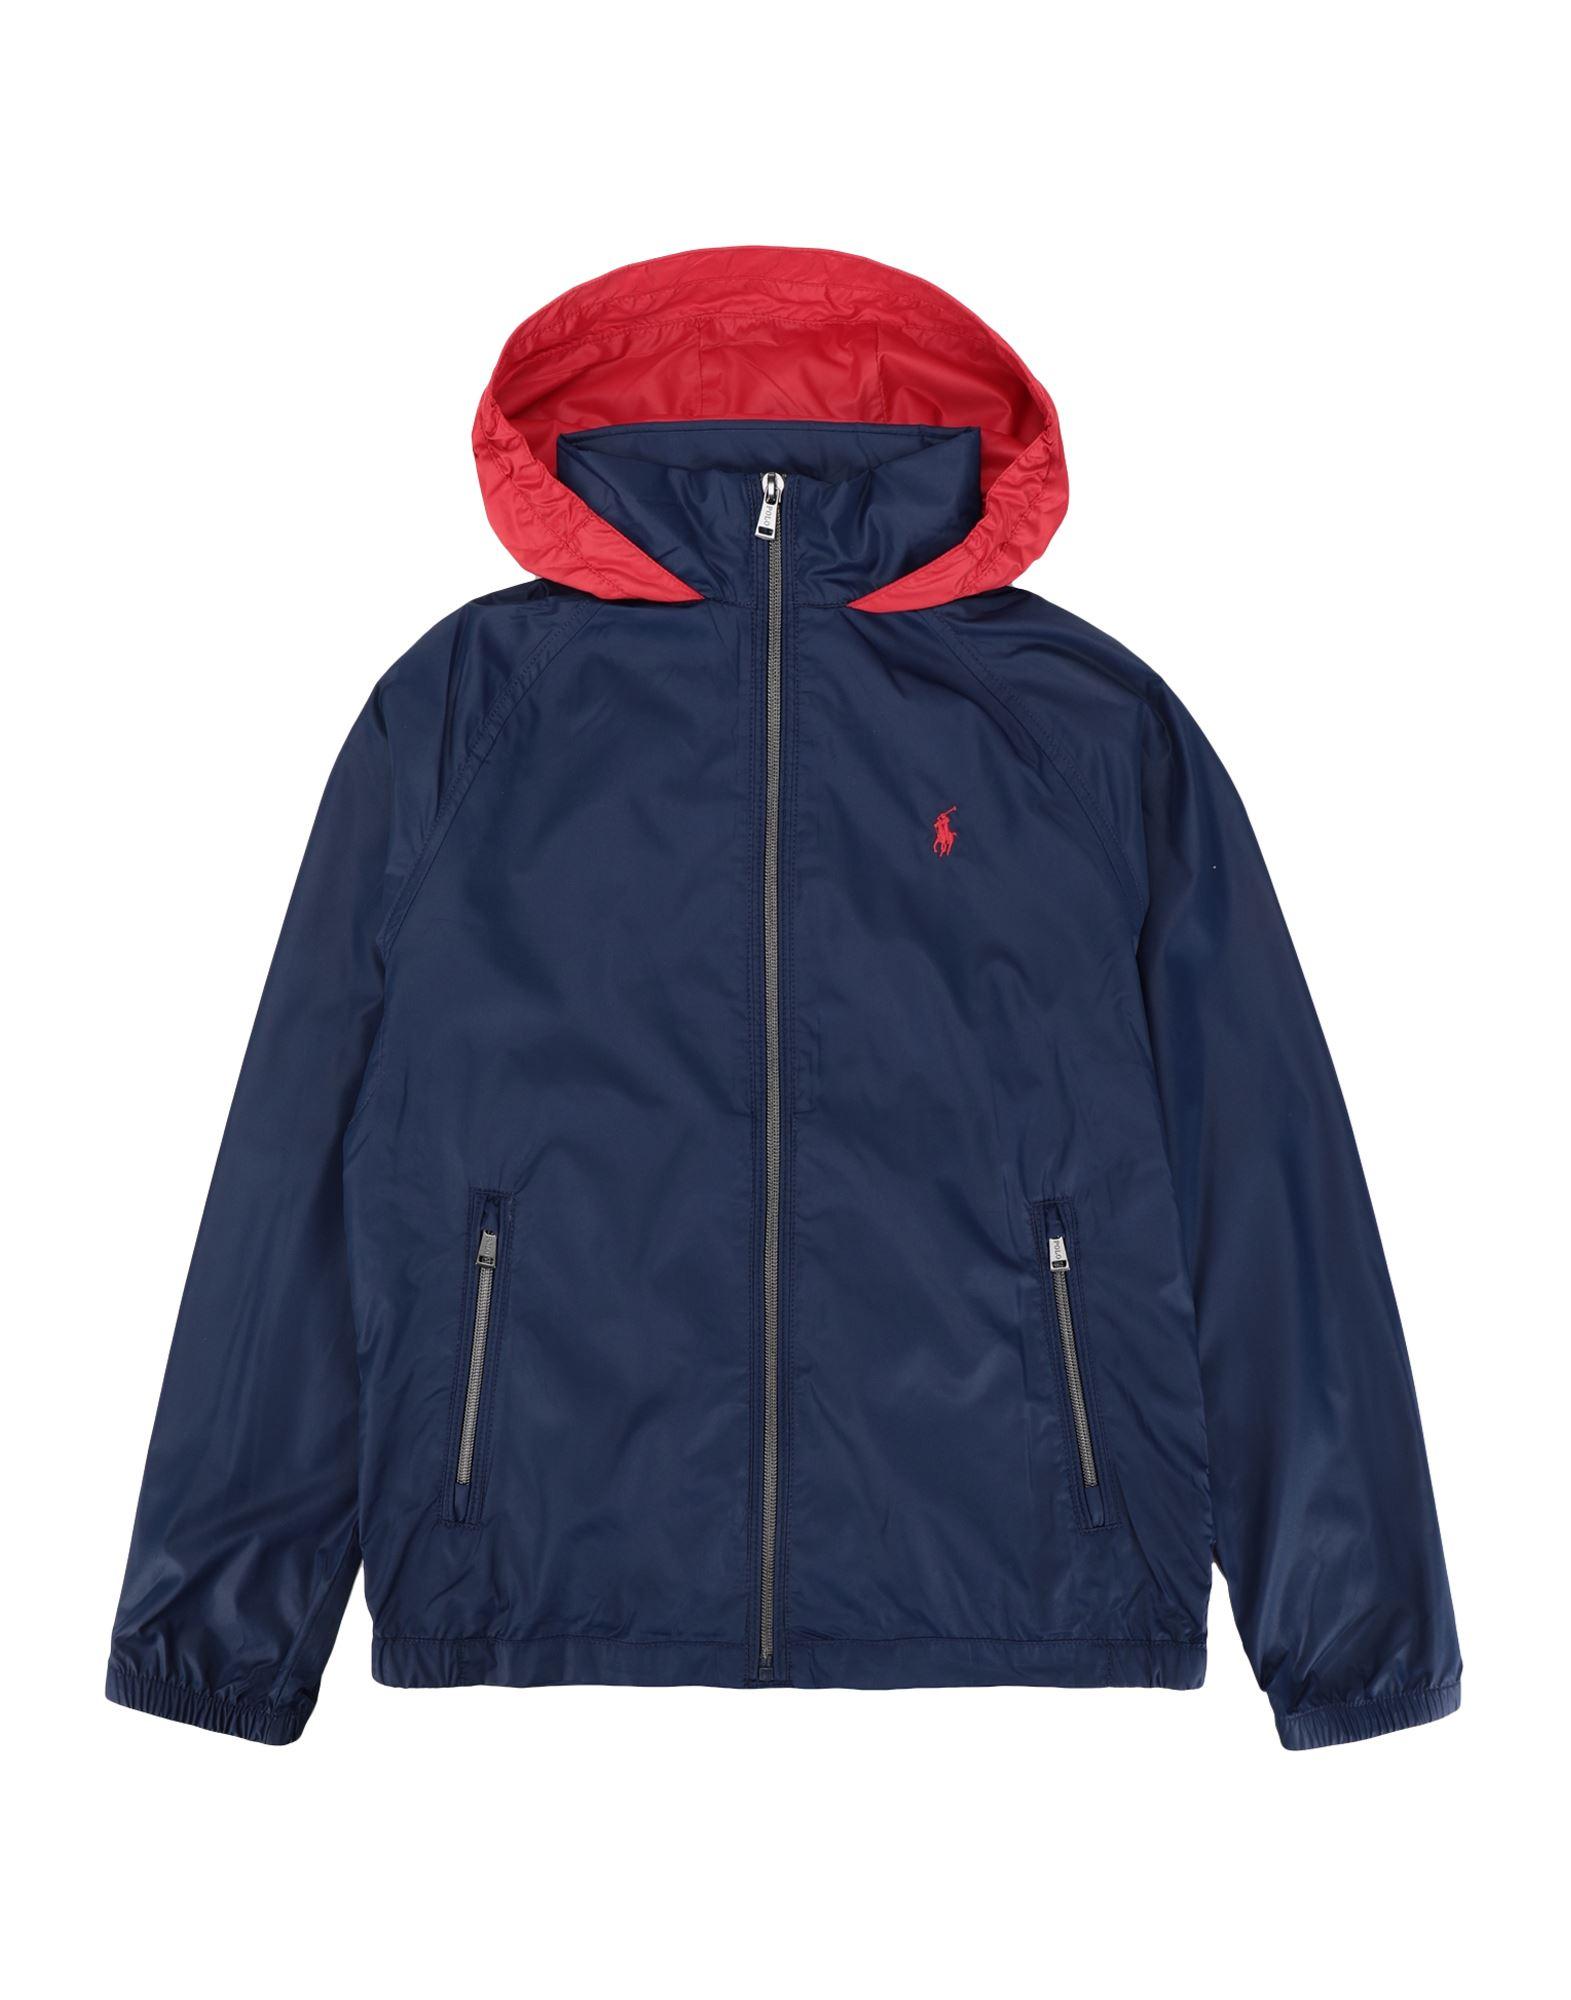 《セール開催中》RALPH LAUREN ボーイズ 3-8 歳 ブルゾン ダークブルー 8 ポリエステル 100% Water-Resistant Packable Hooded Jacket